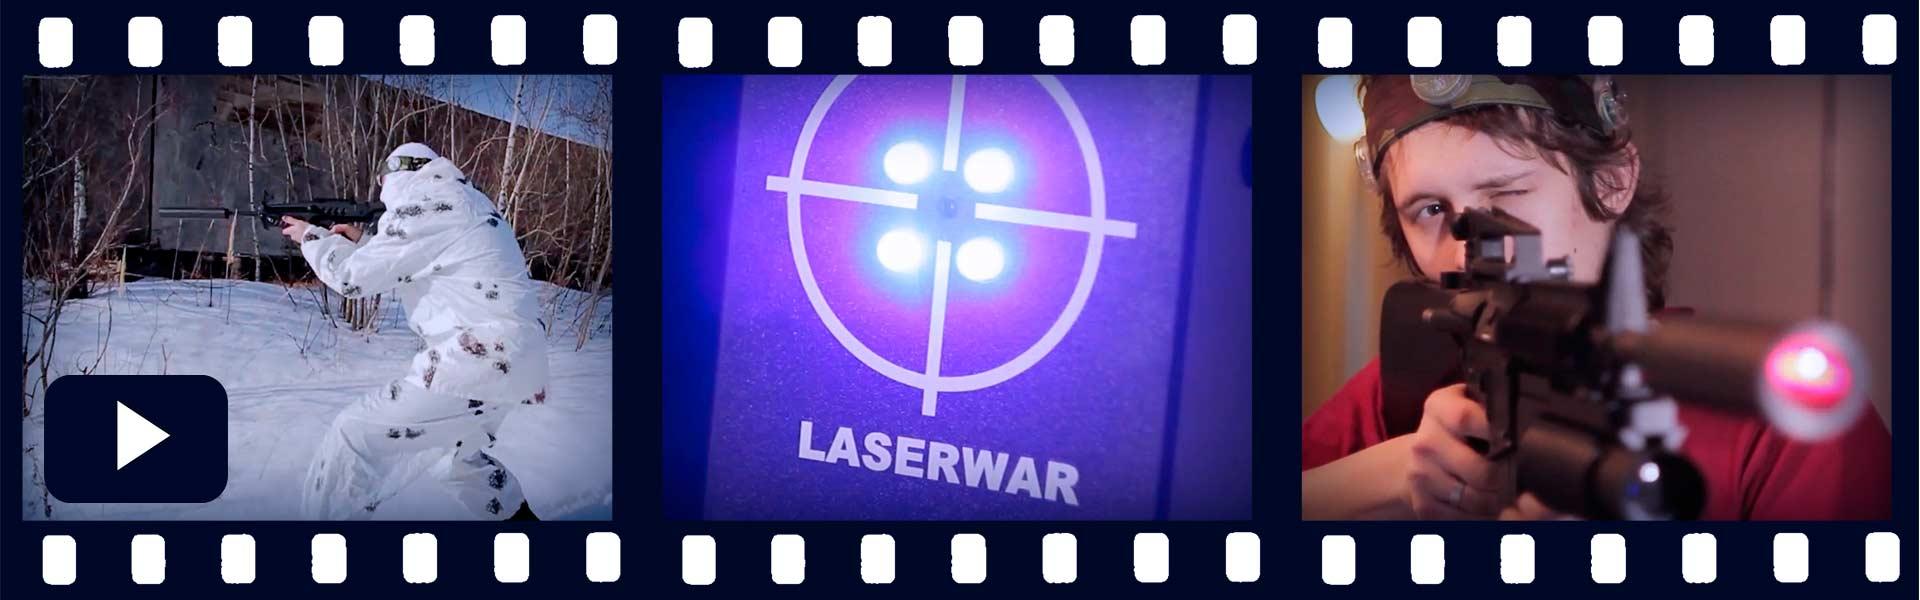 Видеоролик «Лазертаг оборудование» компании «Laserwar»